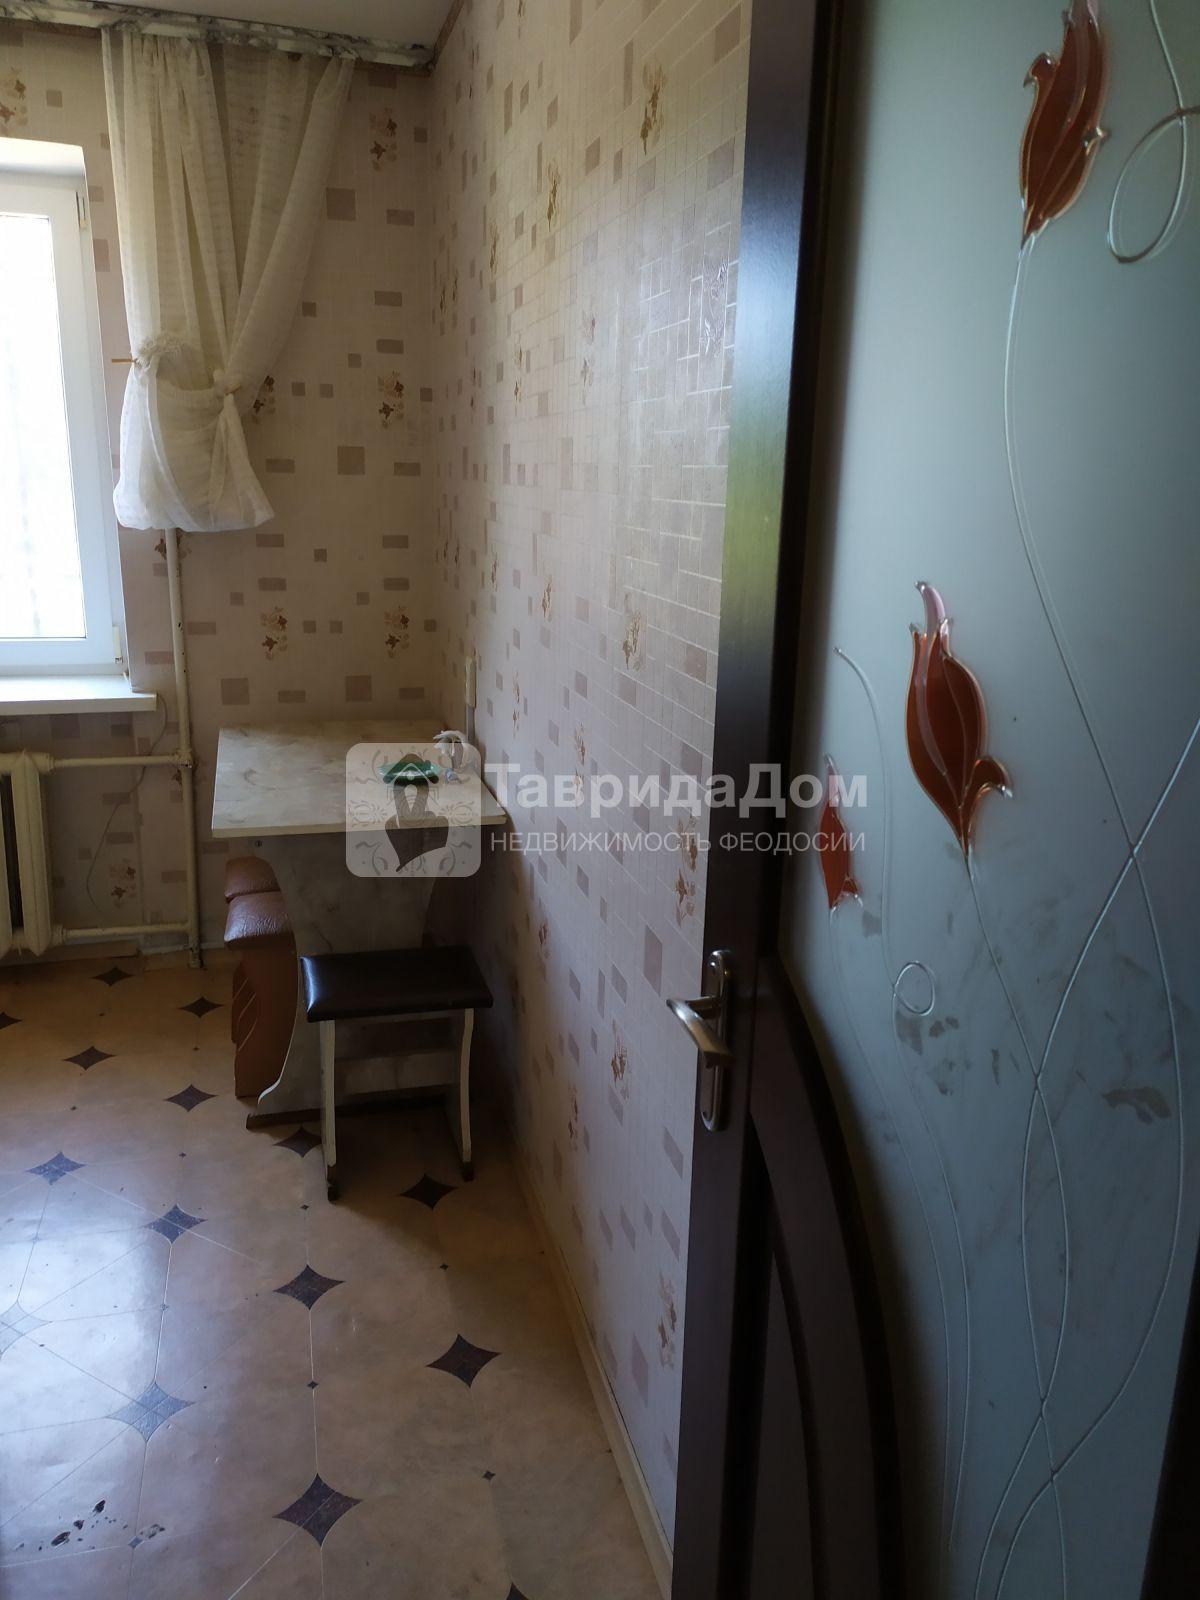 Квартира в аренду по адресу Россия, Республика Крым, Феодосия, Танкистов пер, 3